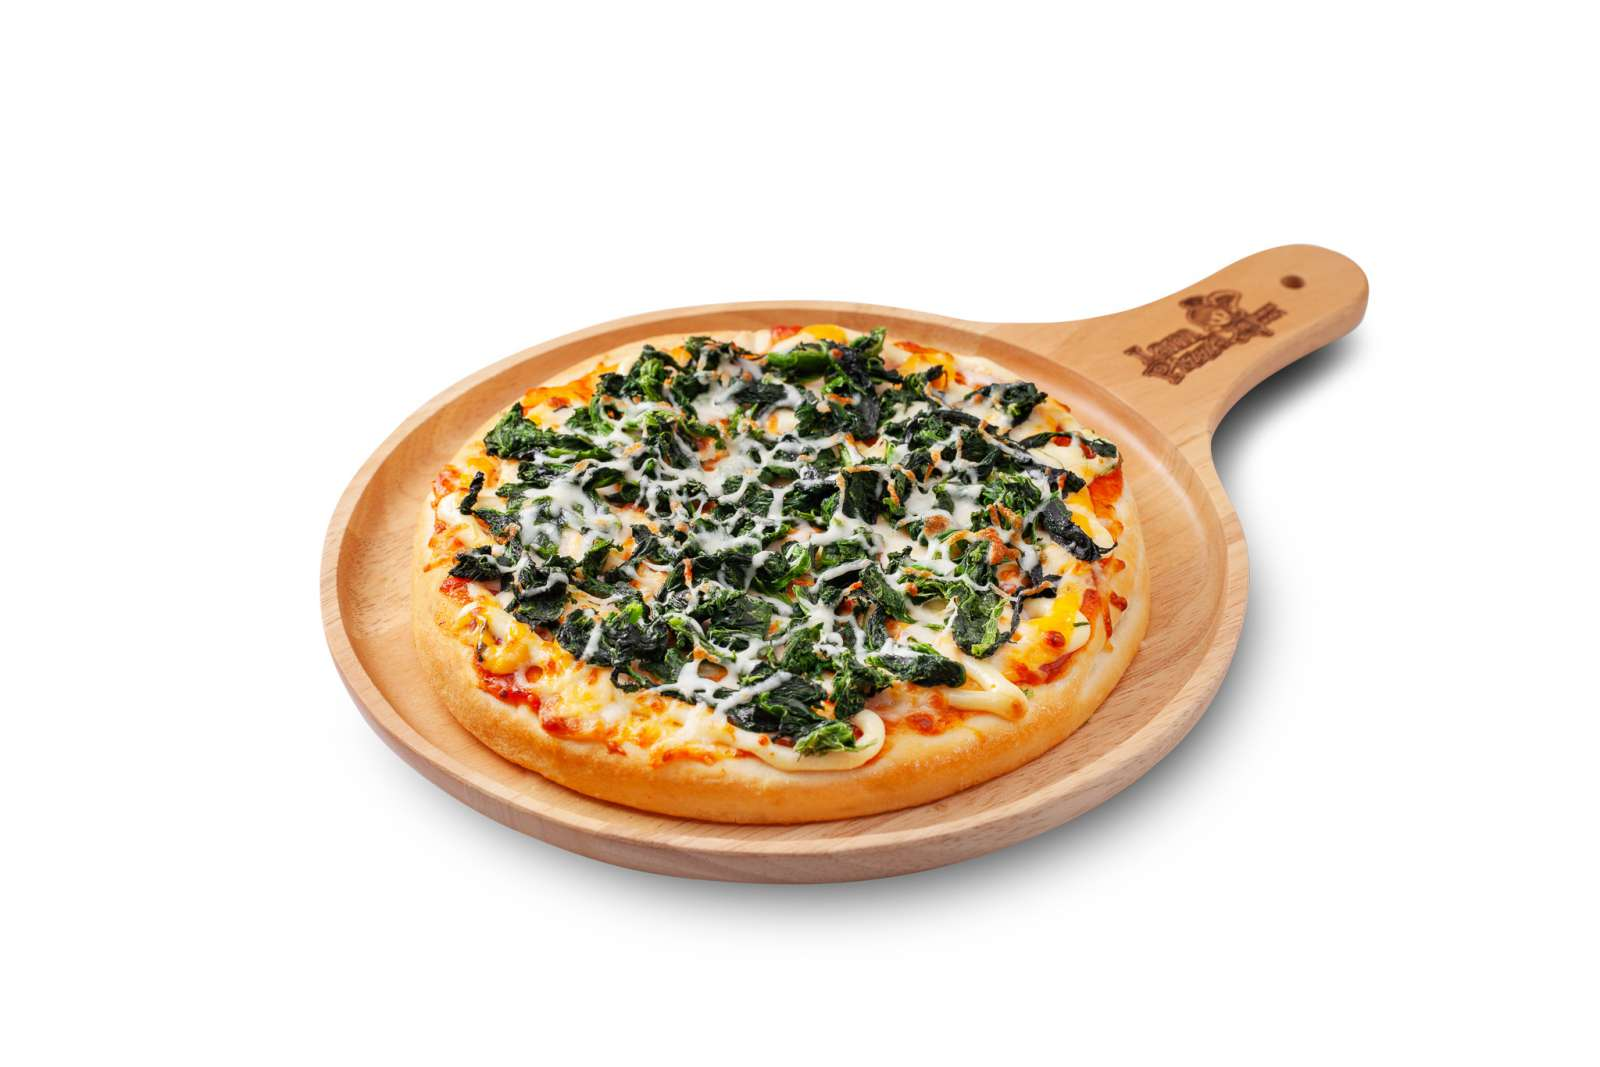 พิซซ่าหน้าผักโขม (Pizza Spinach Cheese)